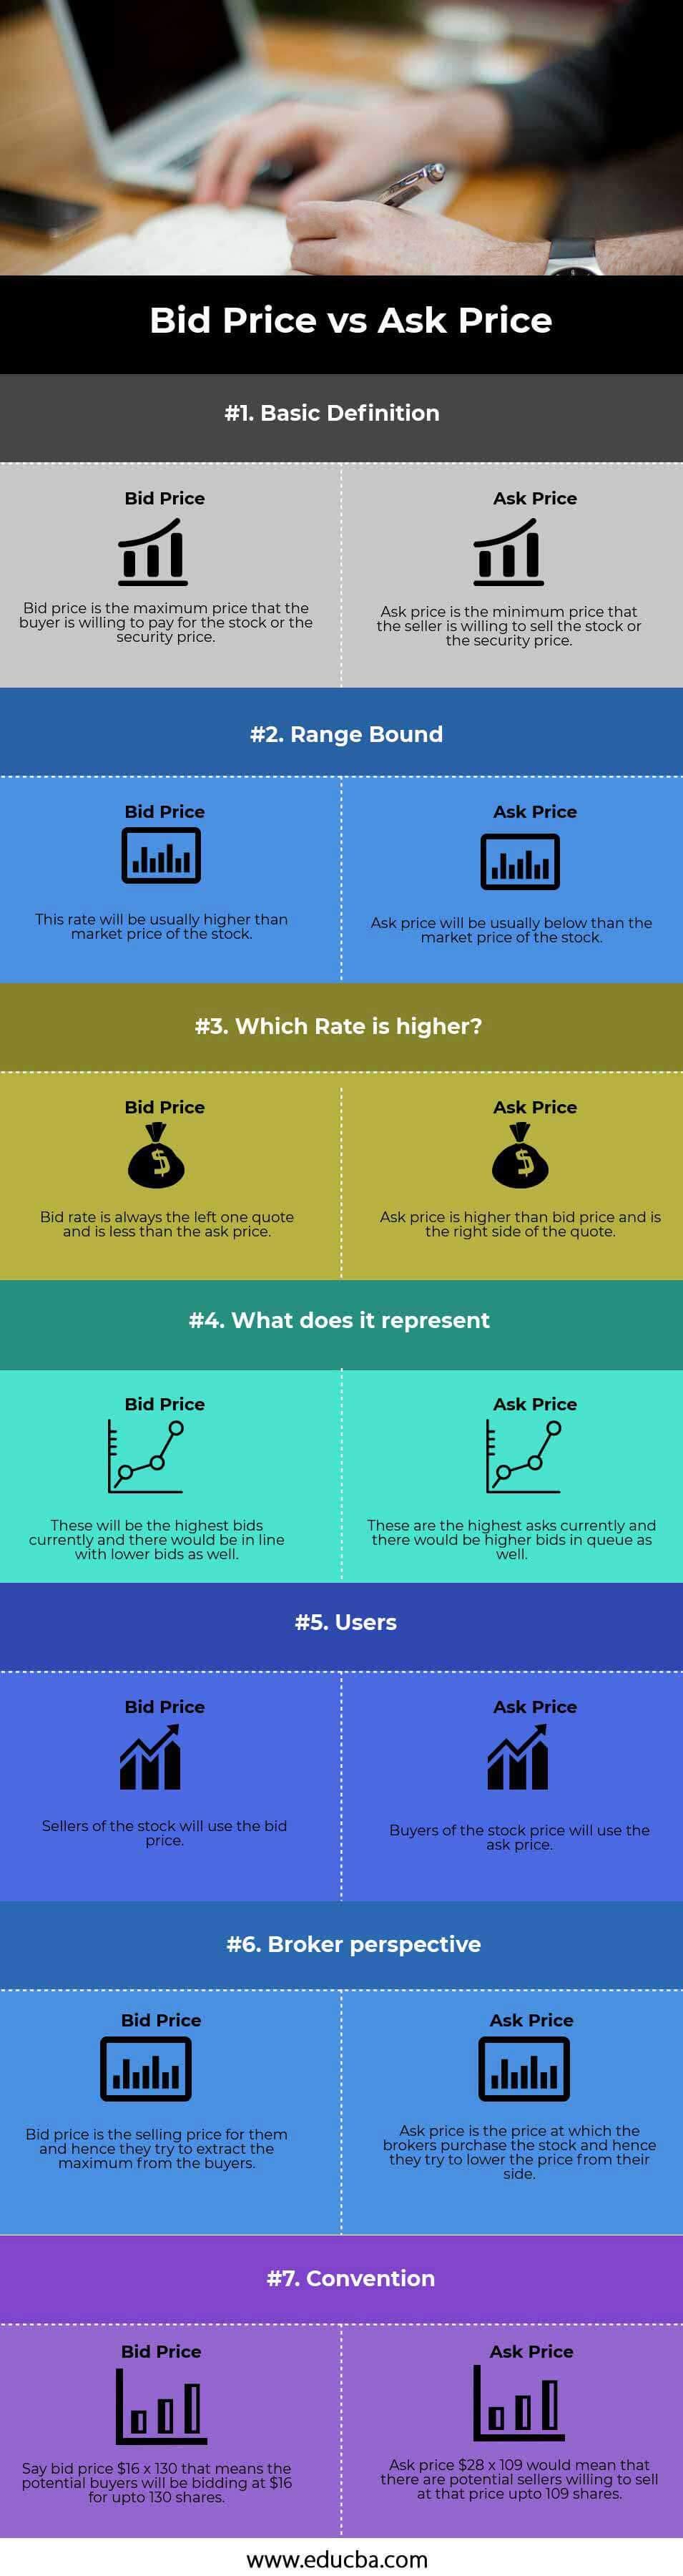 Bid-Price-vs-Ask-Price-info